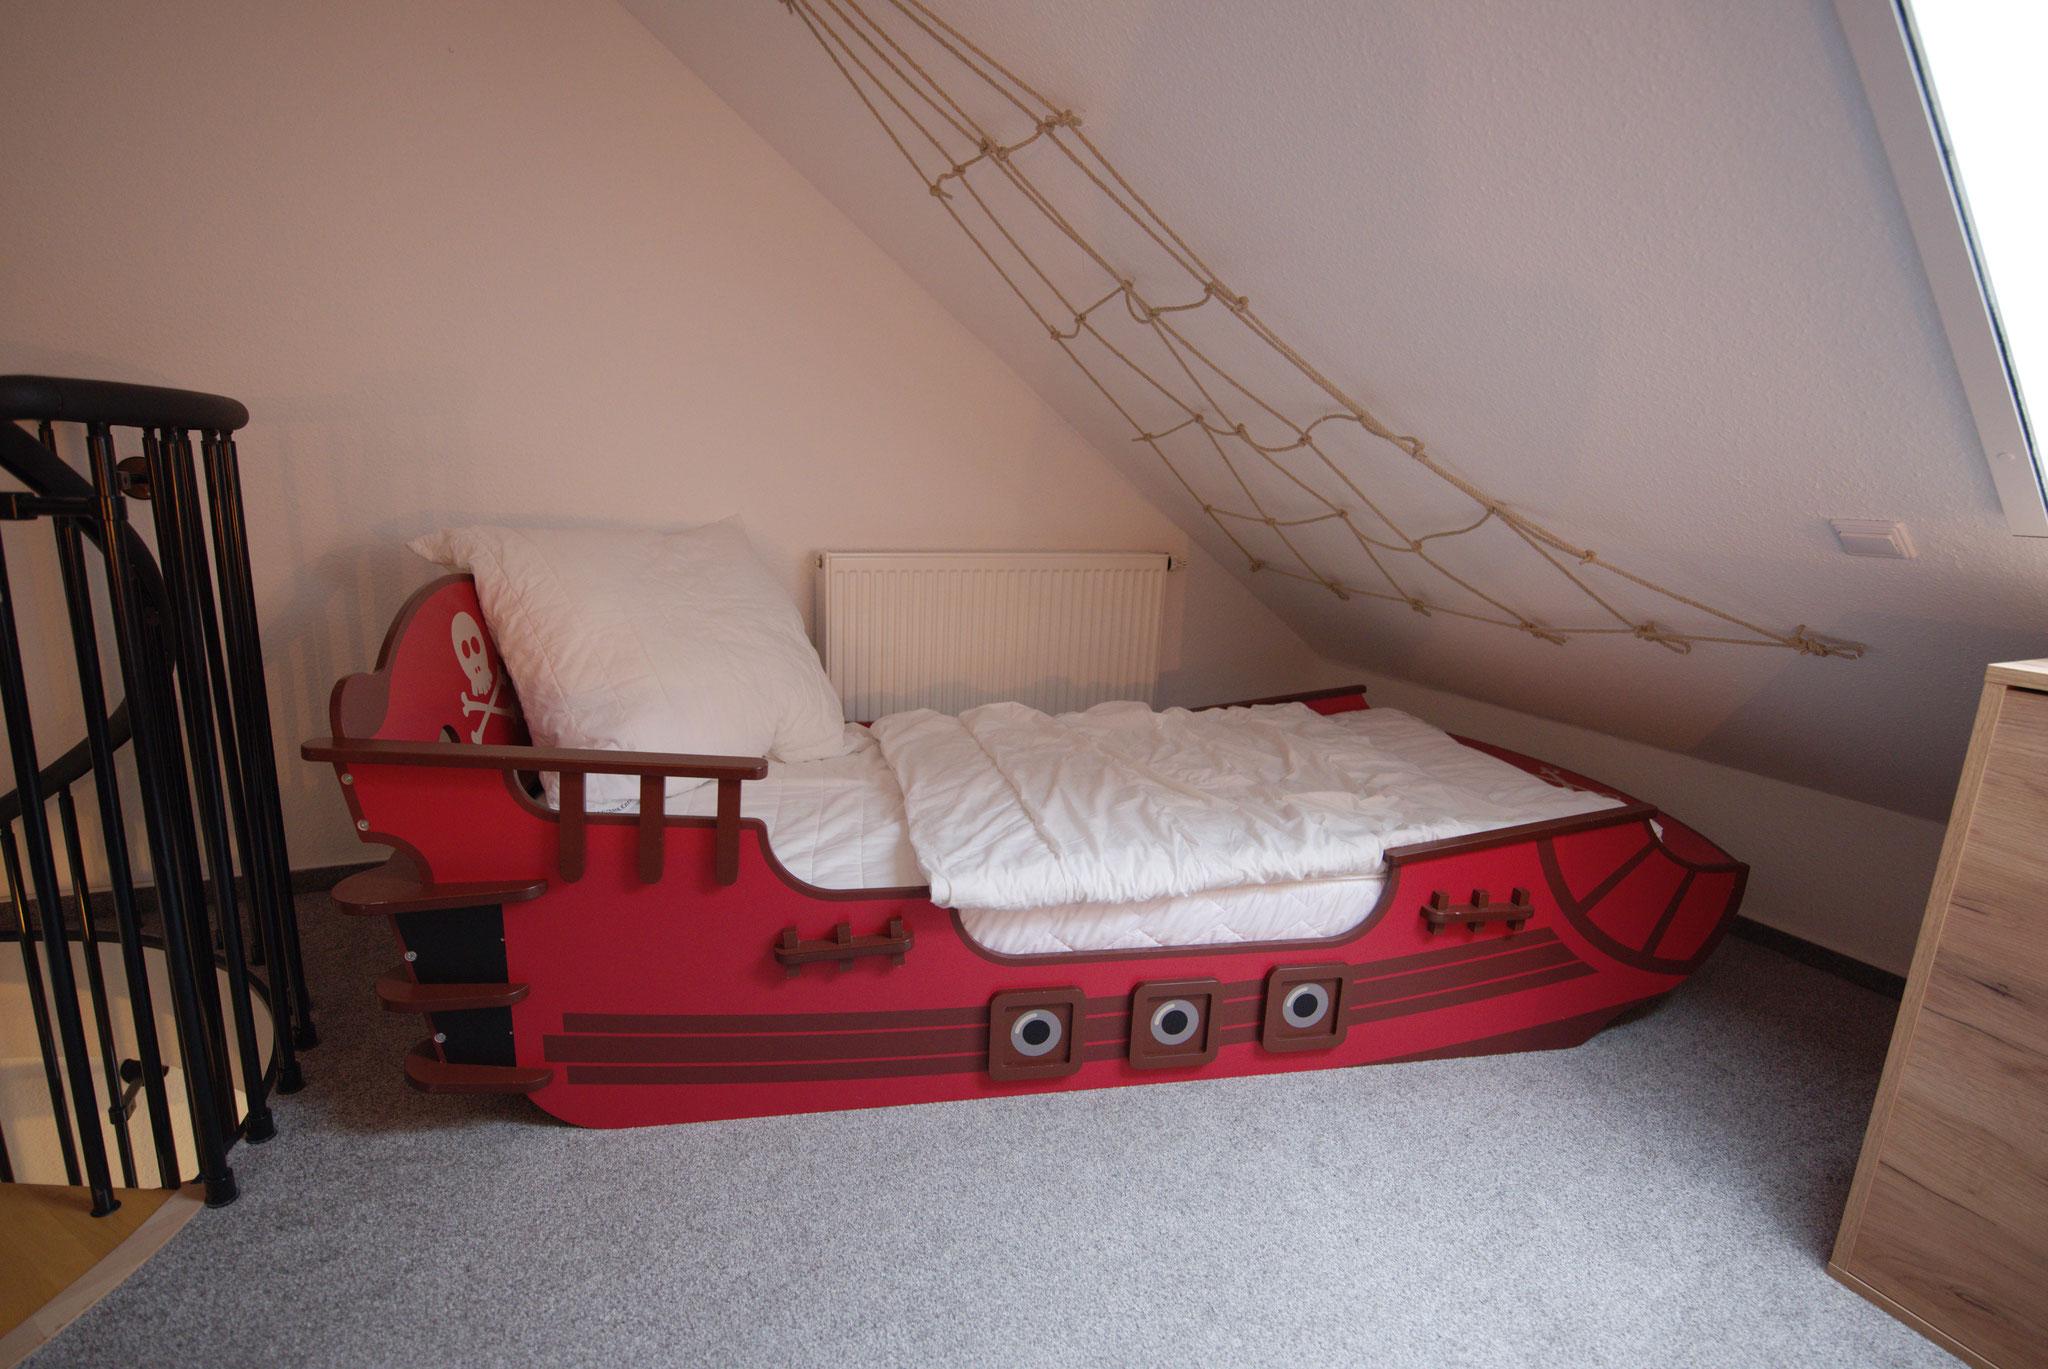 1 Kinderbett im Schlafraum